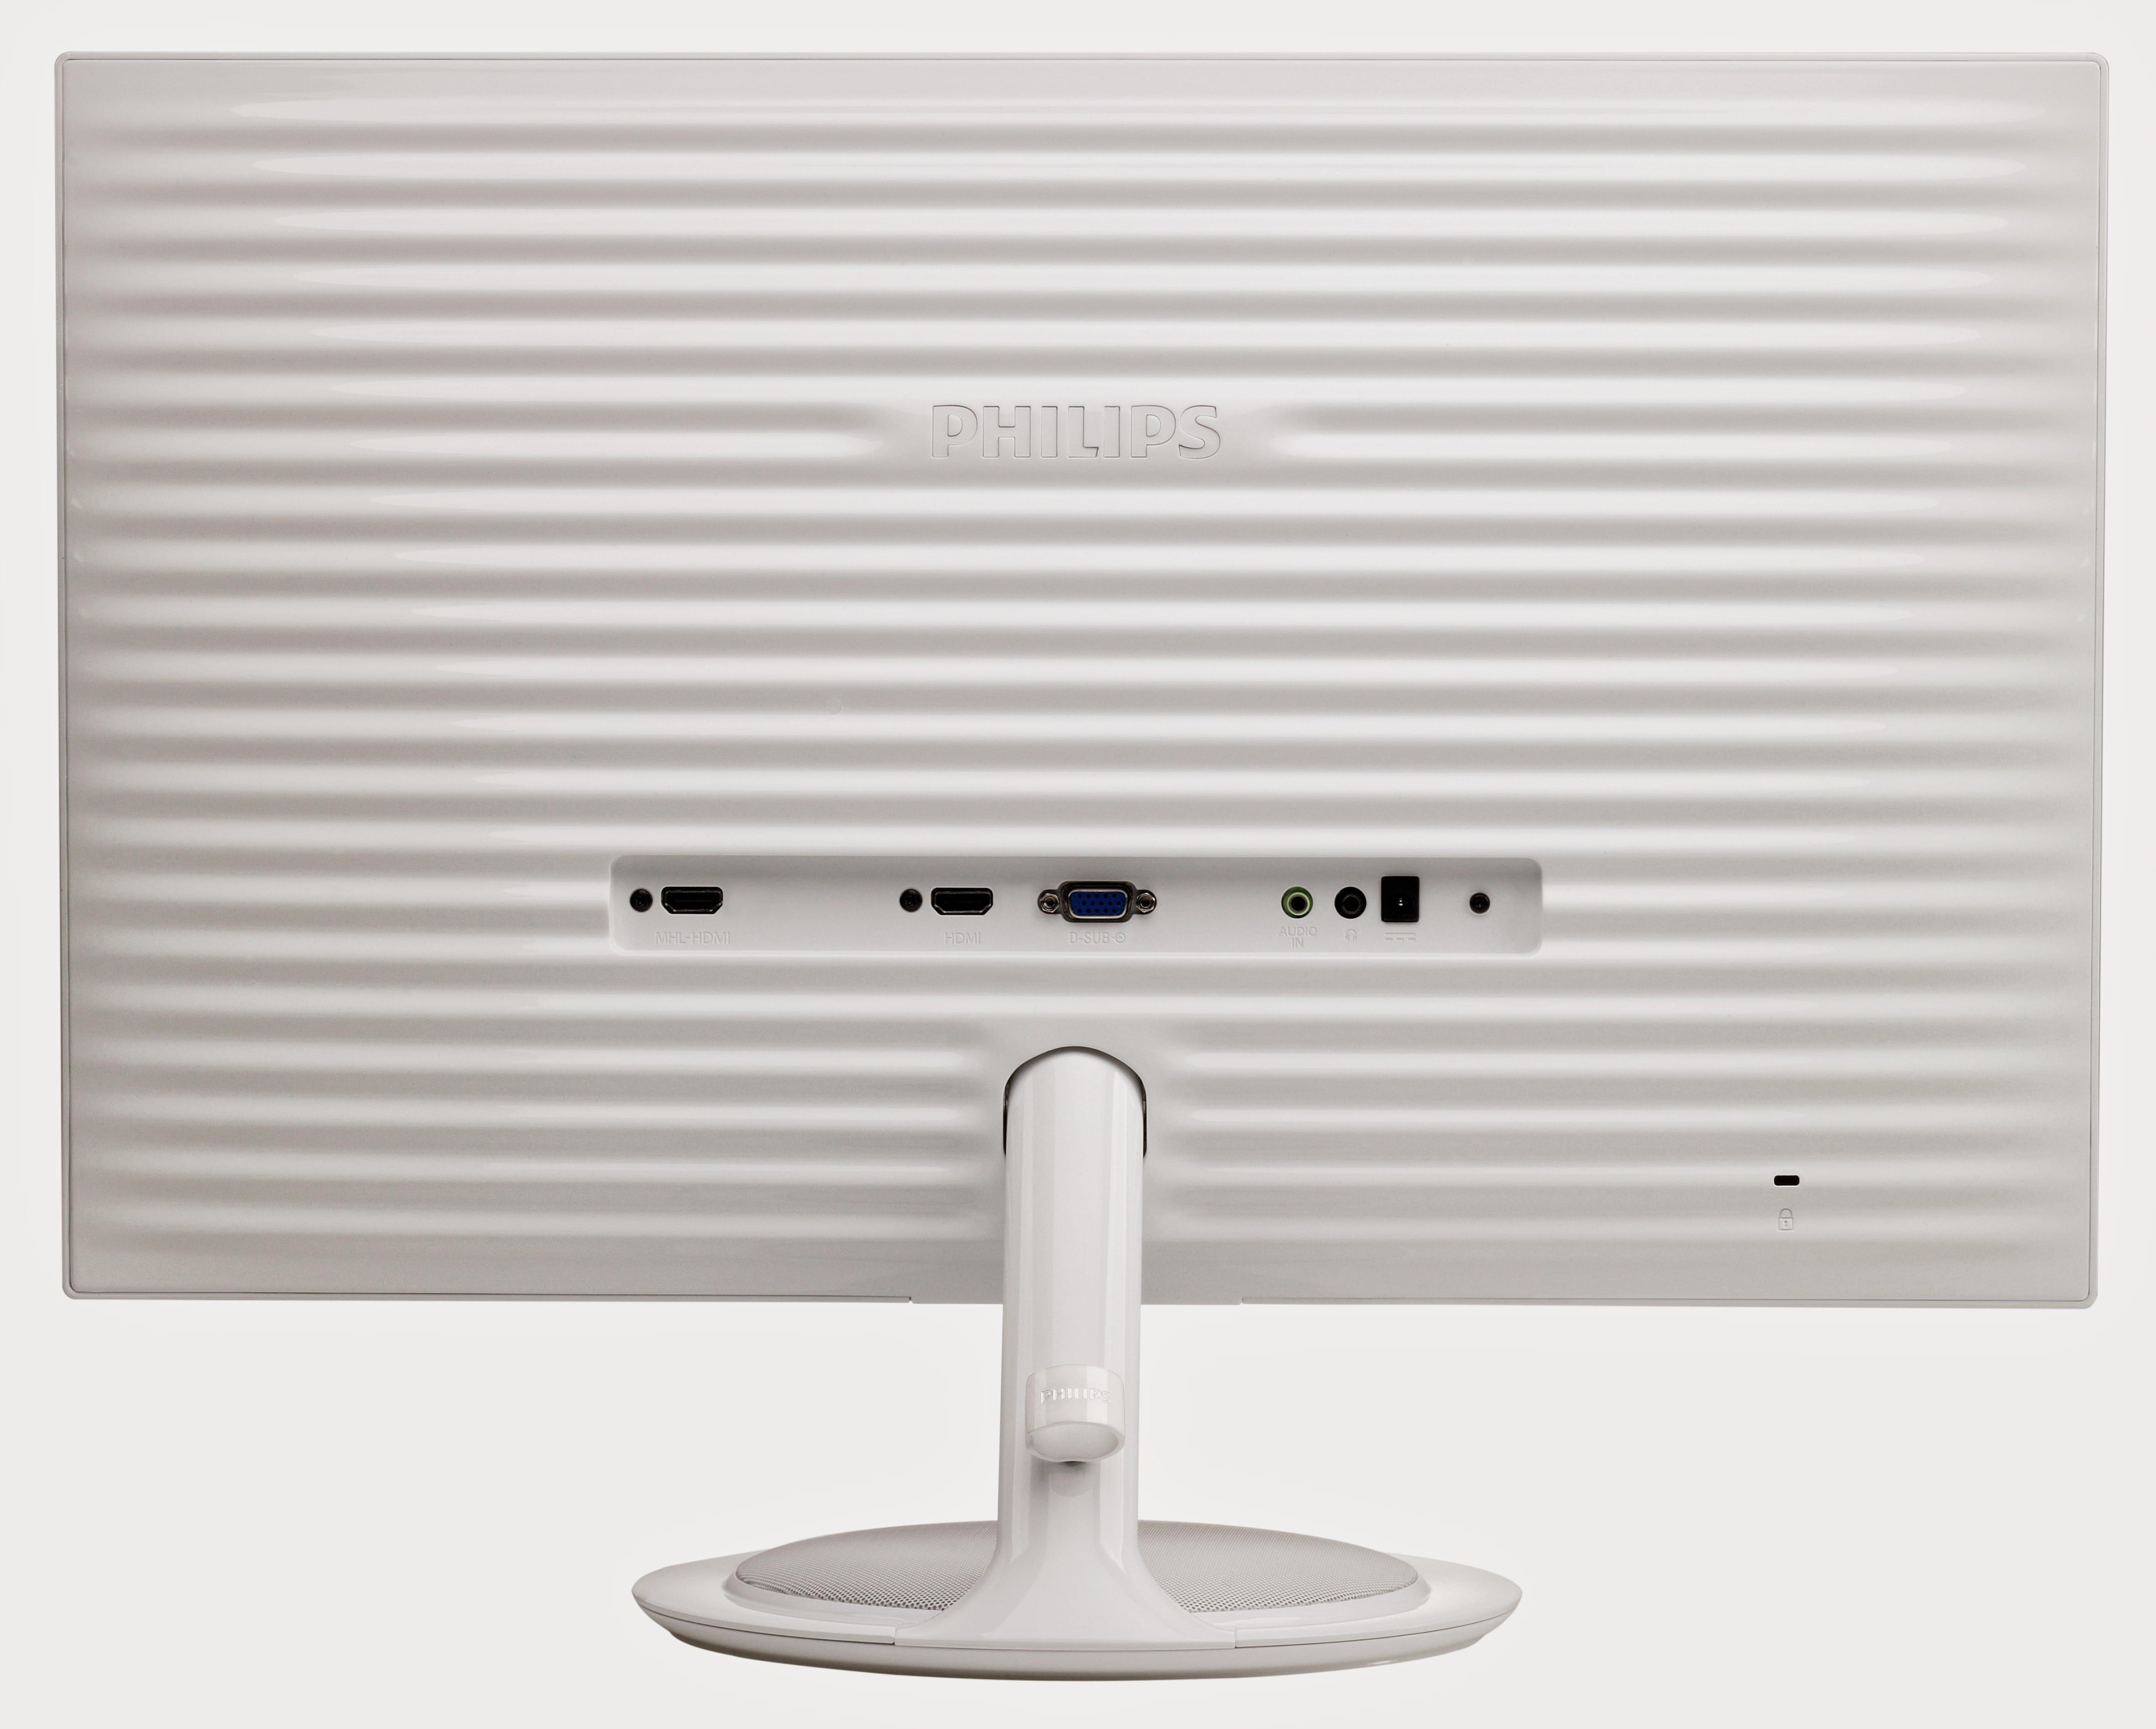 Philips stellt neuen 27 Zoll Monitor Moda 2 vor